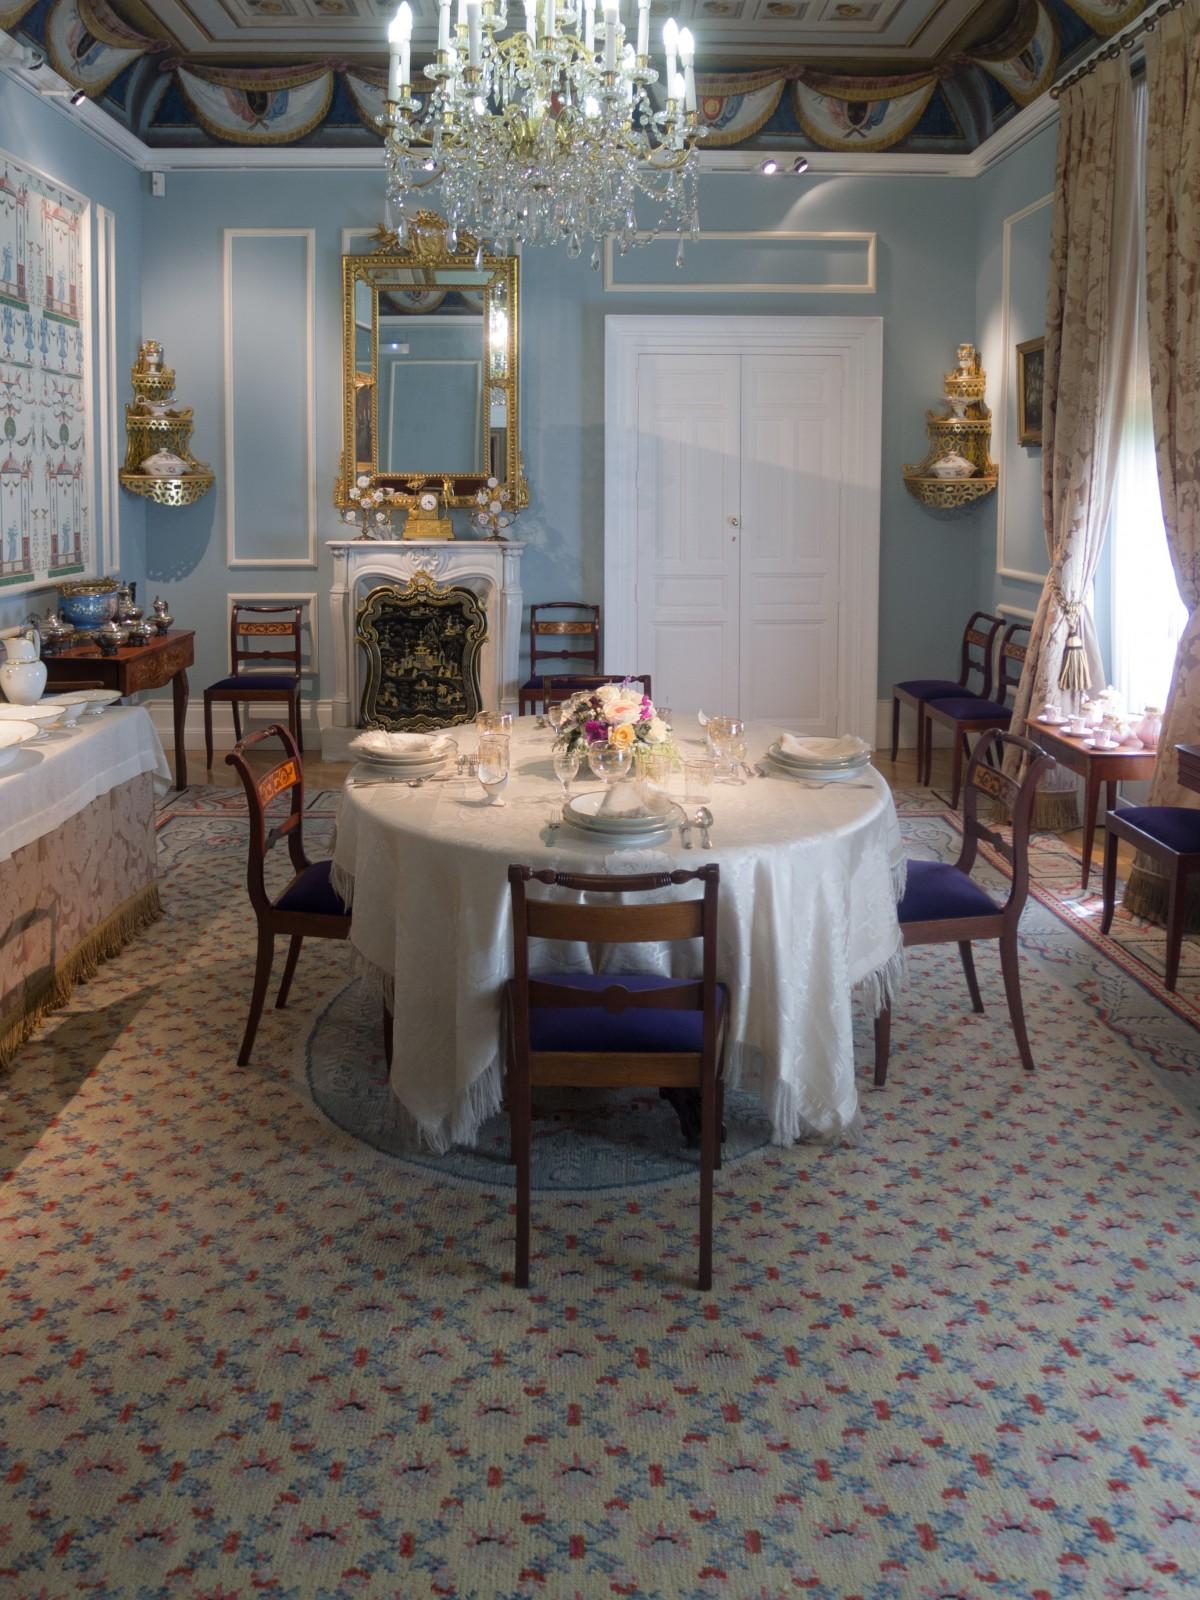 images gratuites table lumi re villa manoir sol maison environnement d coration chalet. Black Bedroom Furniture Sets. Home Design Ideas